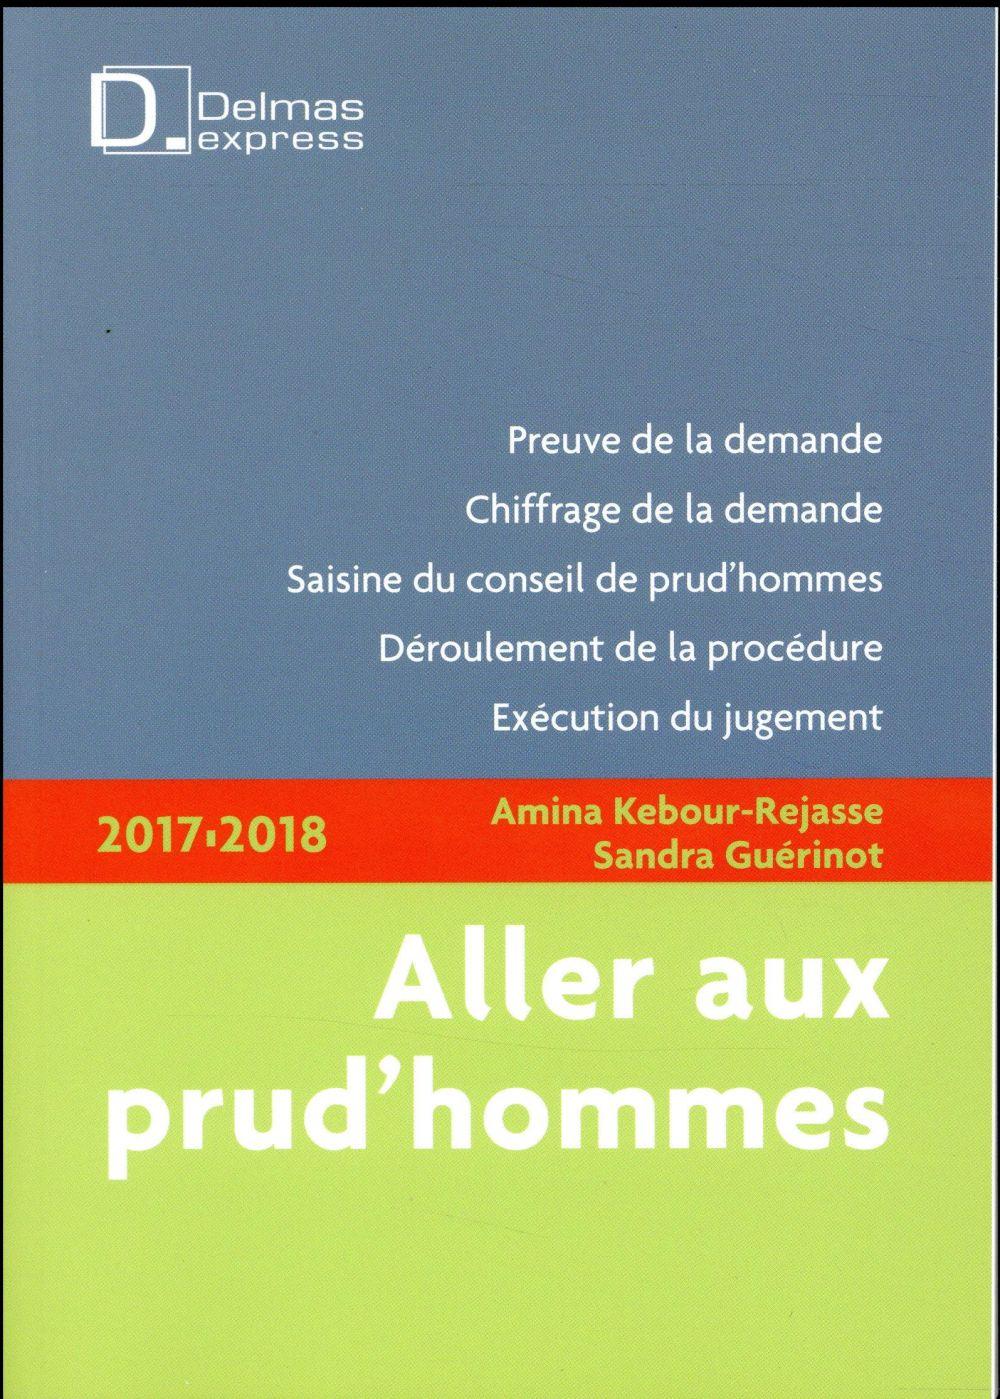 Aller aux prud'hommes (édition 2017/2018)